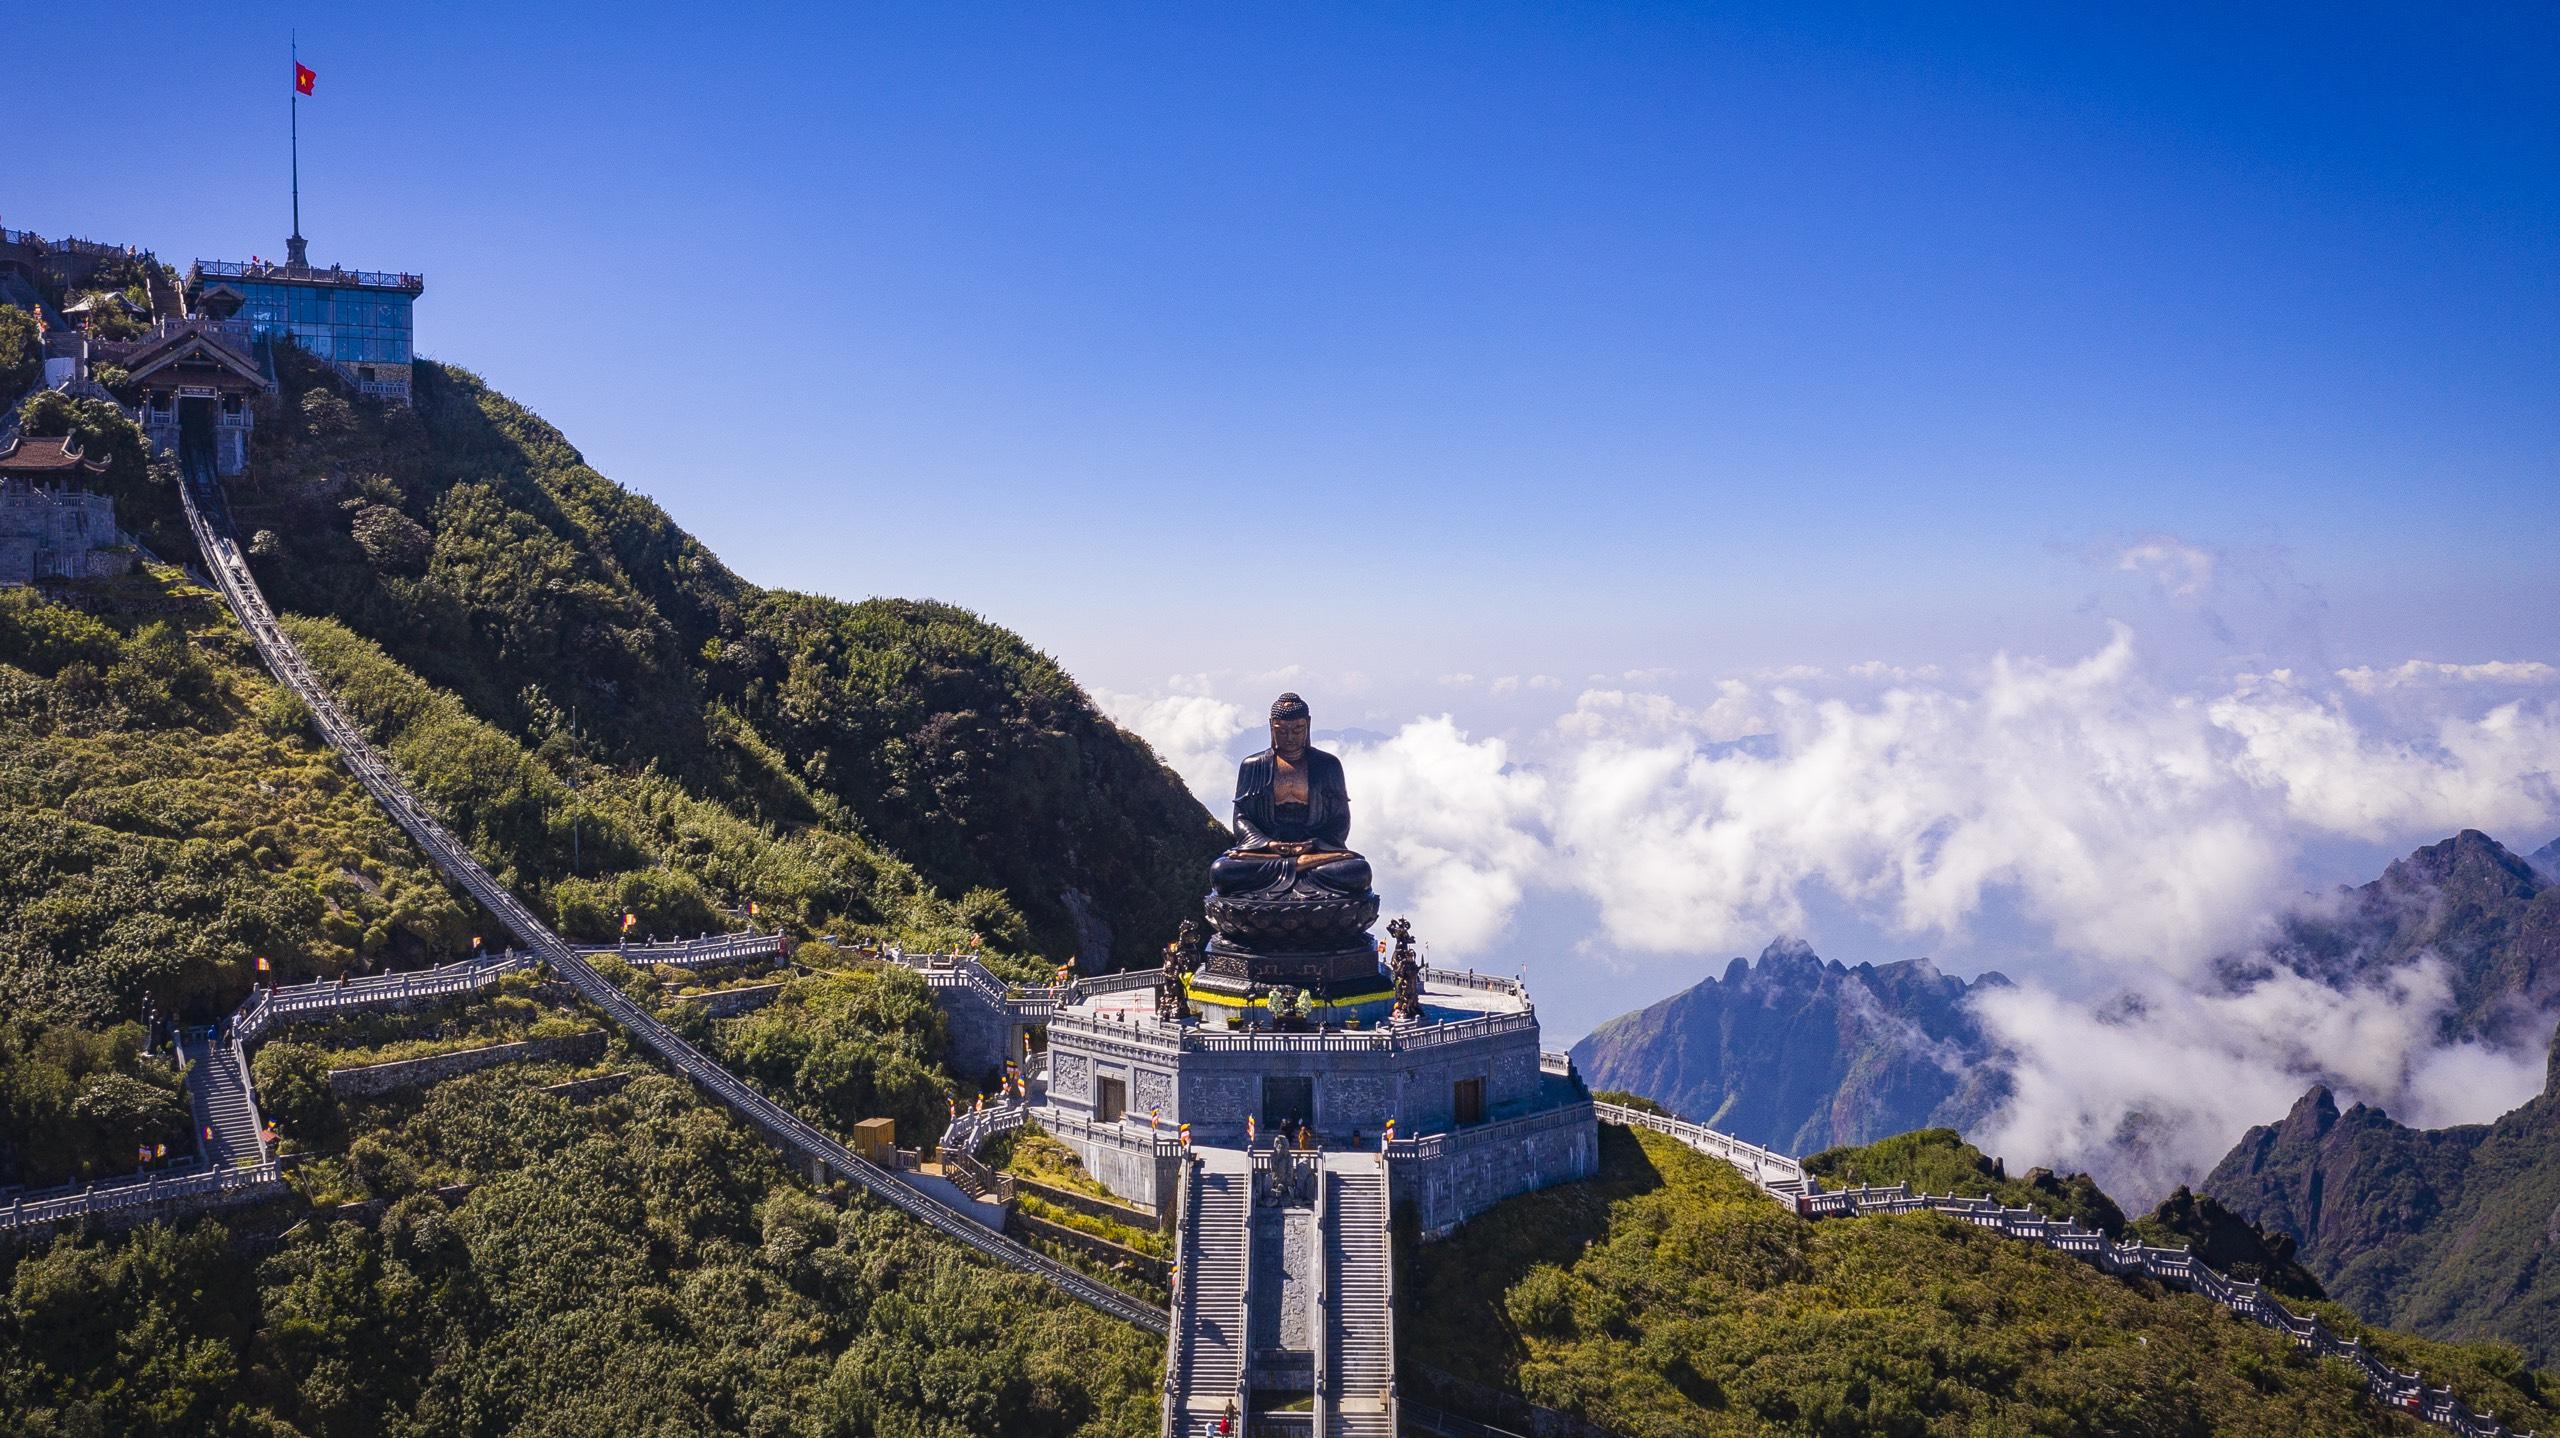 Đại tượng Phật A Di Đàđược tạo thành bởi hàng ngàn vạn tấm đồng dày 5mmgia côngtại chỗ, ốp trên một kết cấu khung sắt có thể tích gần 1000m3 thật uy nghiêm trên đỉnh Fansipan.